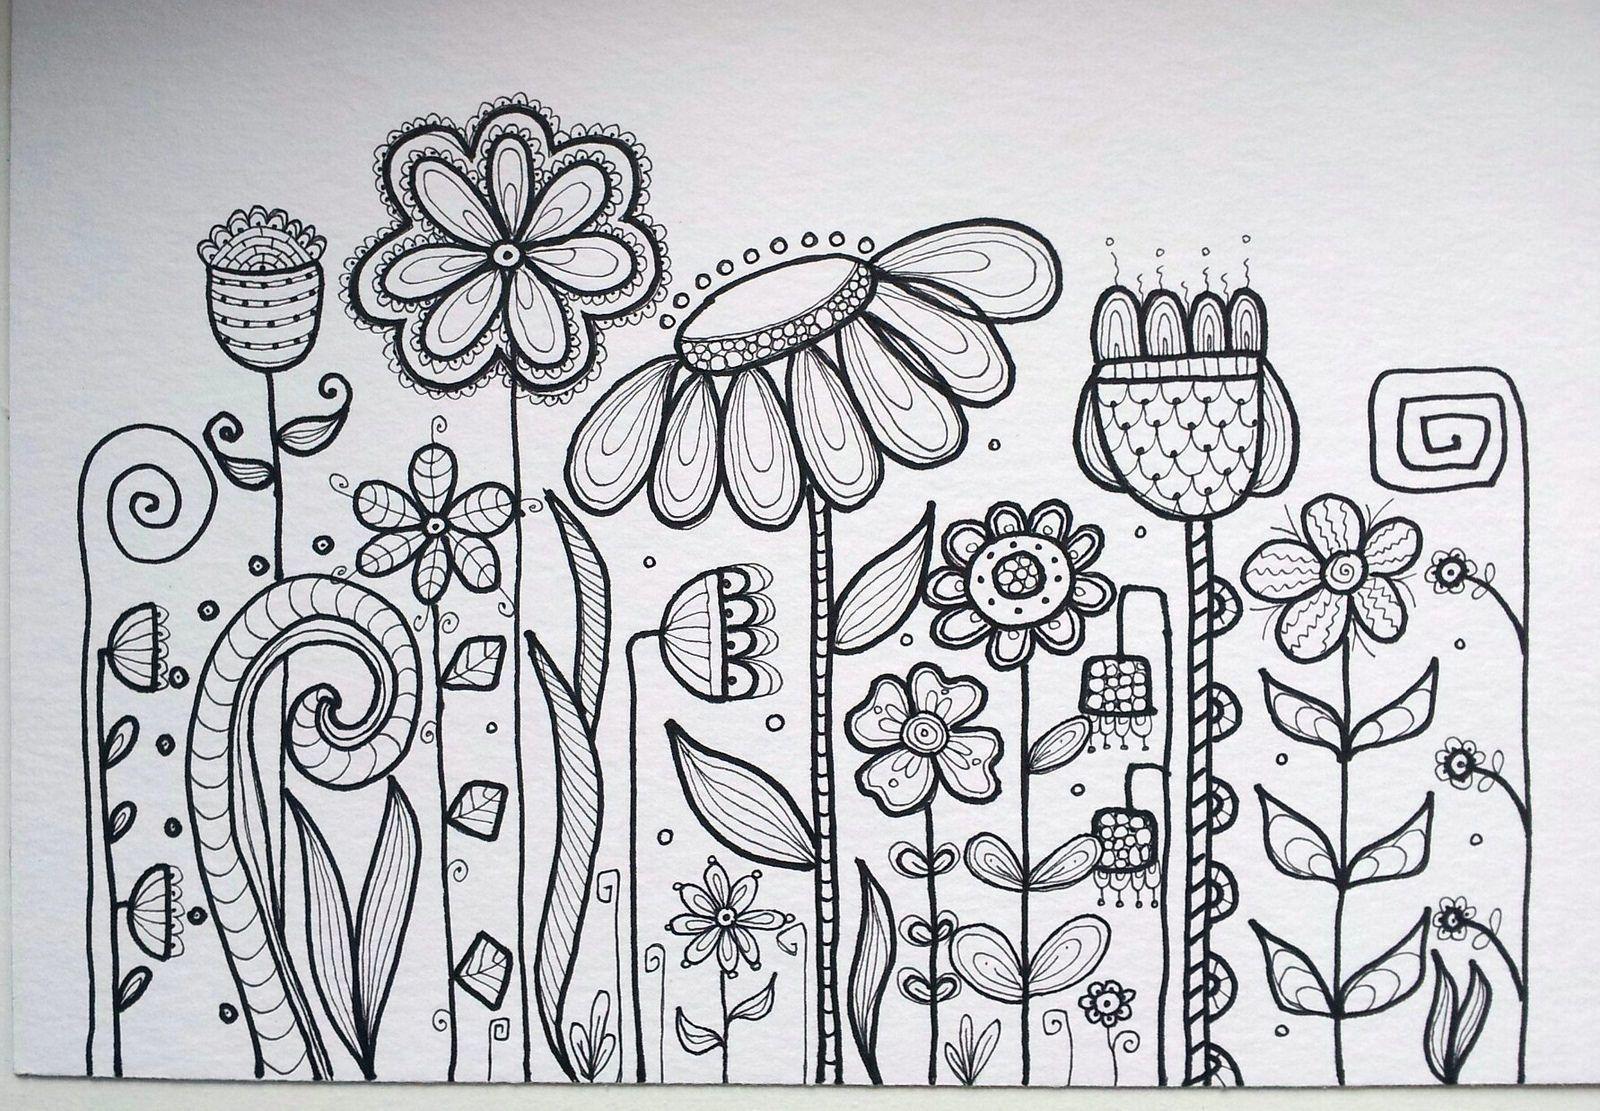 заставки картинки декоративные раскраски моноблоке